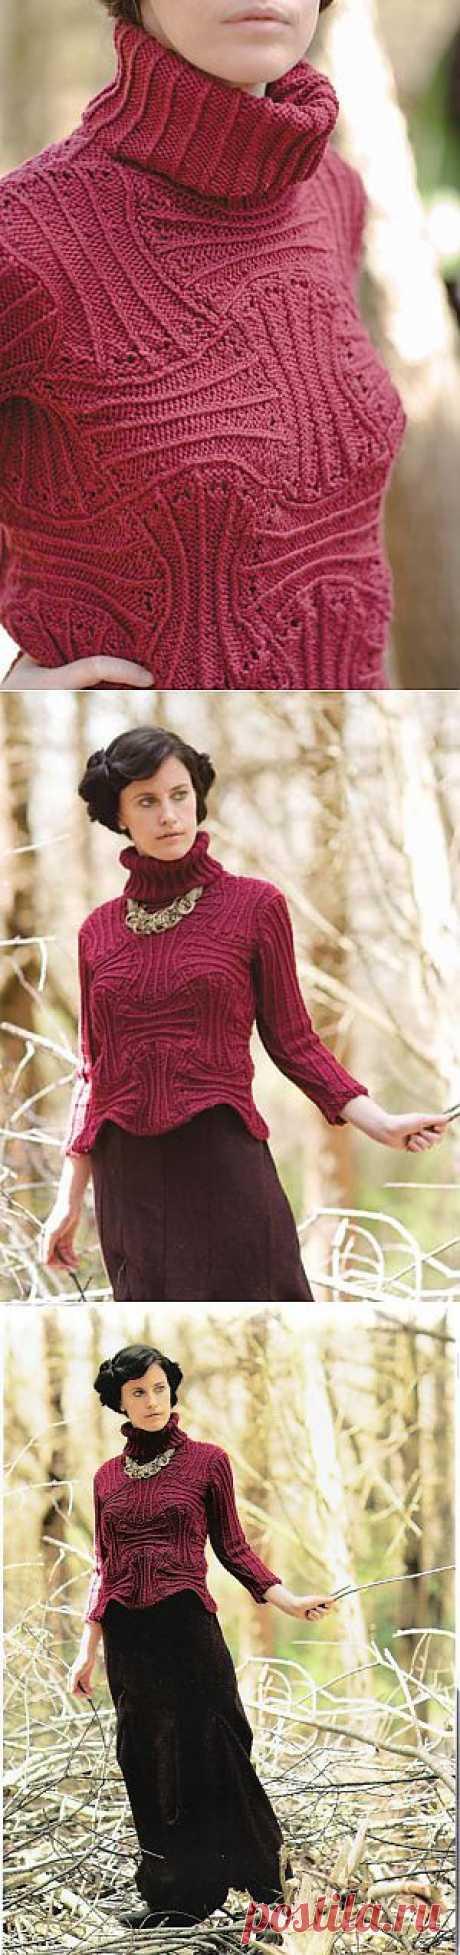 """Пуловер """"Земляничный холм"""" спицами от Norah Gaughan. Все размеры."""